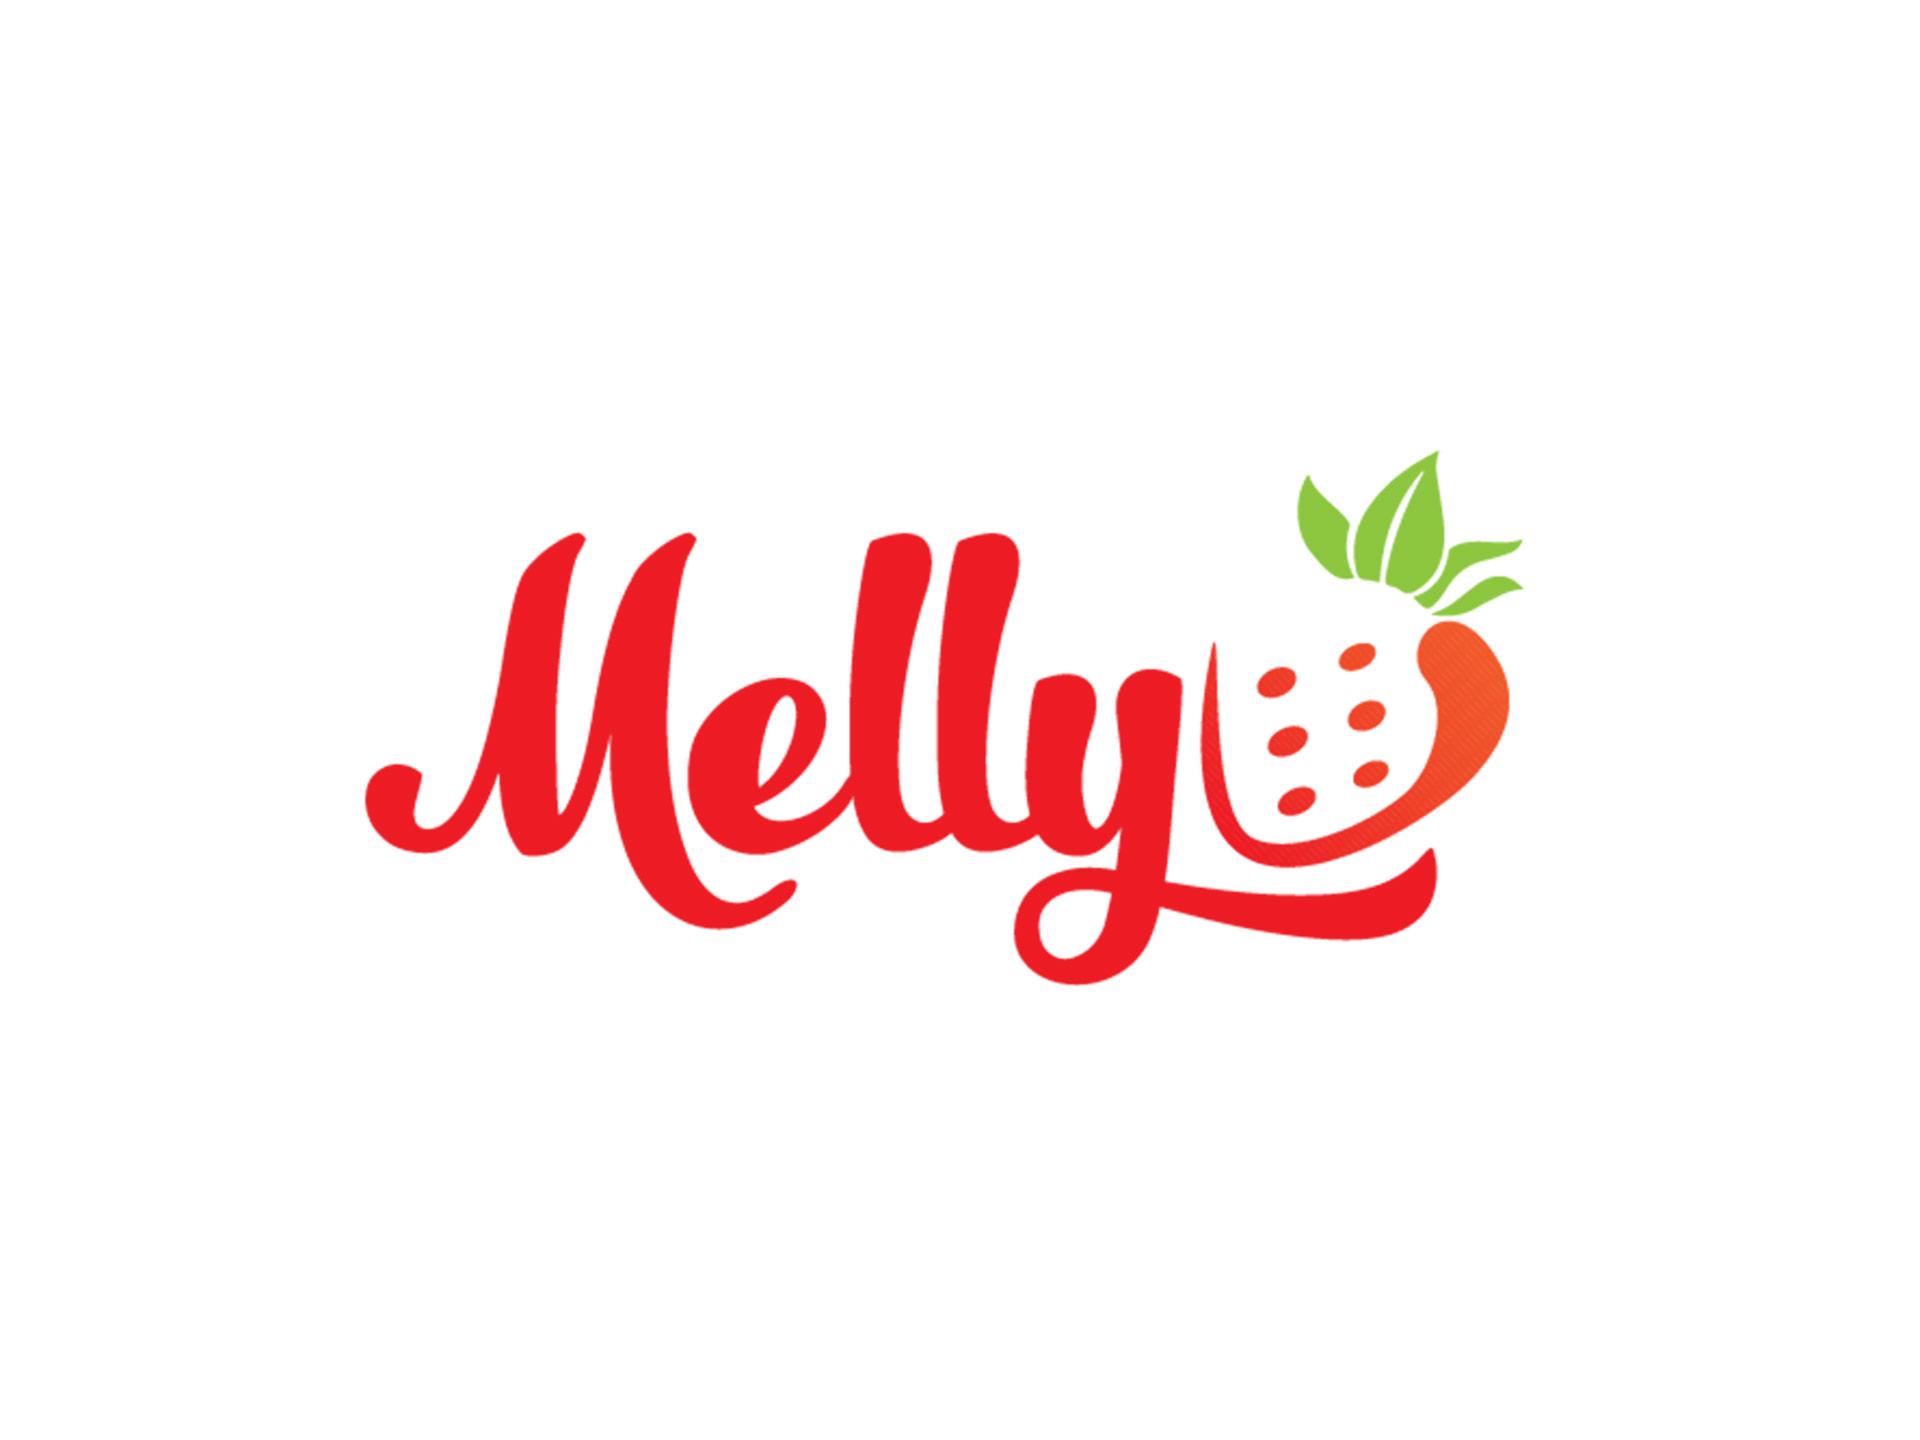 Đặt tên, thiết kế logo và bao bì cho nhãn hàng Melly tại TP HCM